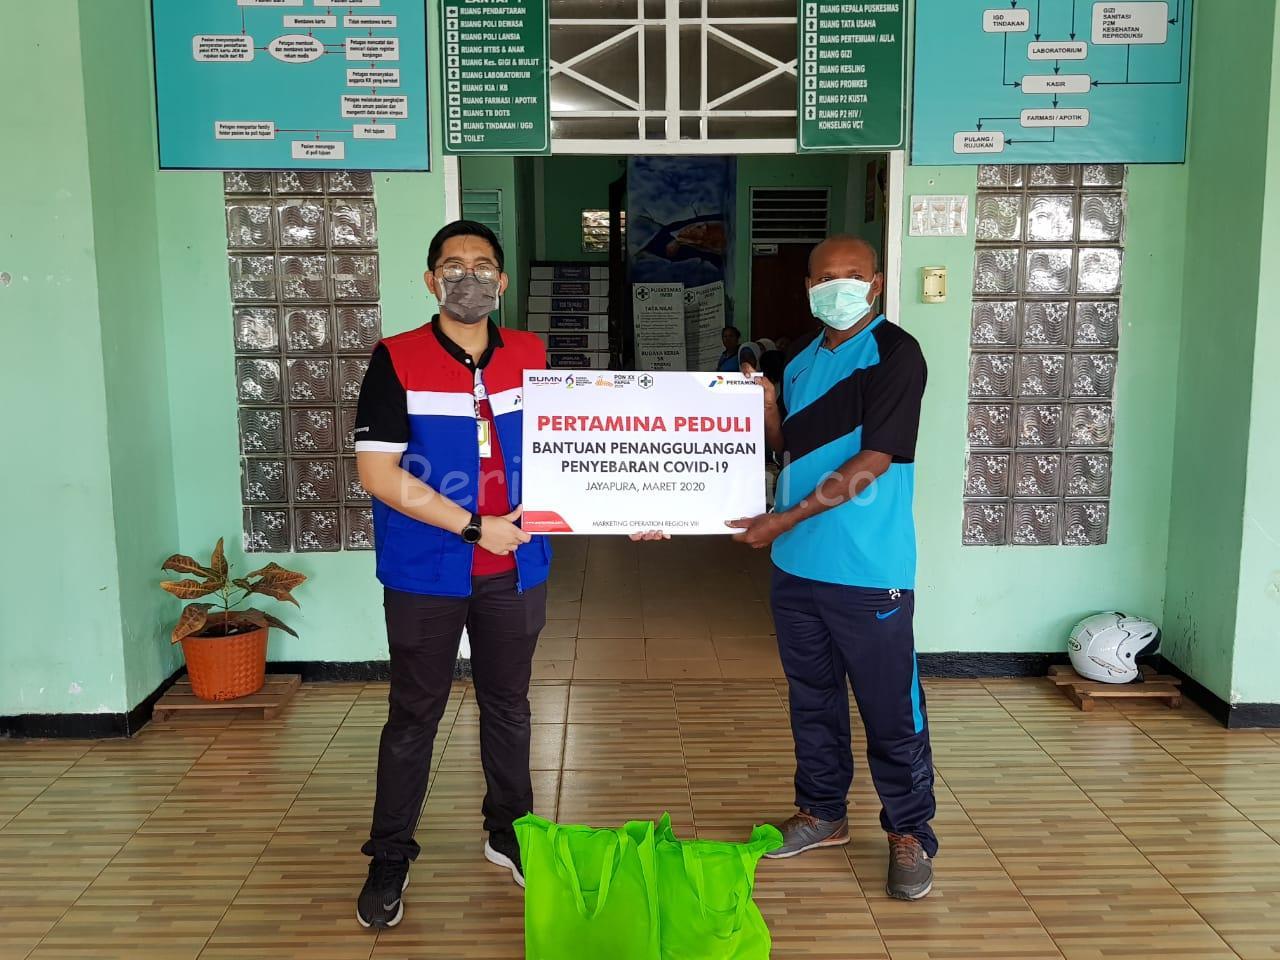 Peduli Cegah Corona, Pertamina Serahkan 200 Paket Bantuan di Puskesmas Imbi Jayapura 1 IMG 20200320 WA0118